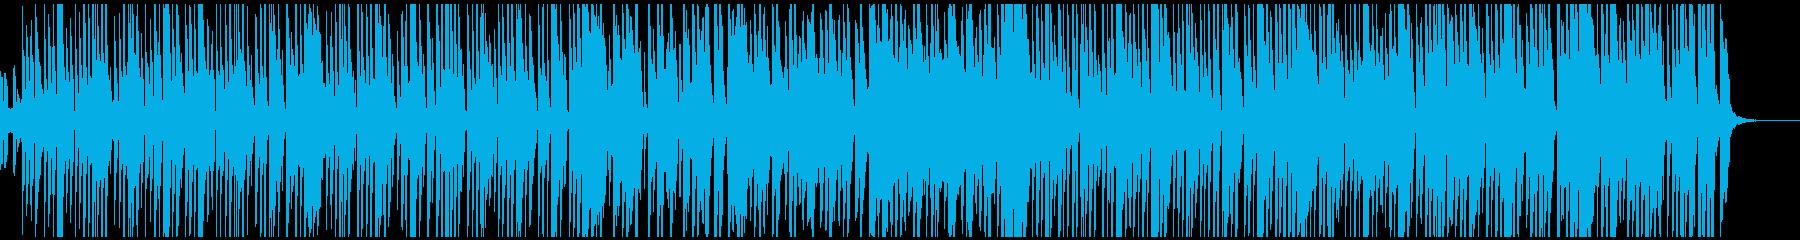 ほのぼの、日常、楽しいの再生済みの波形